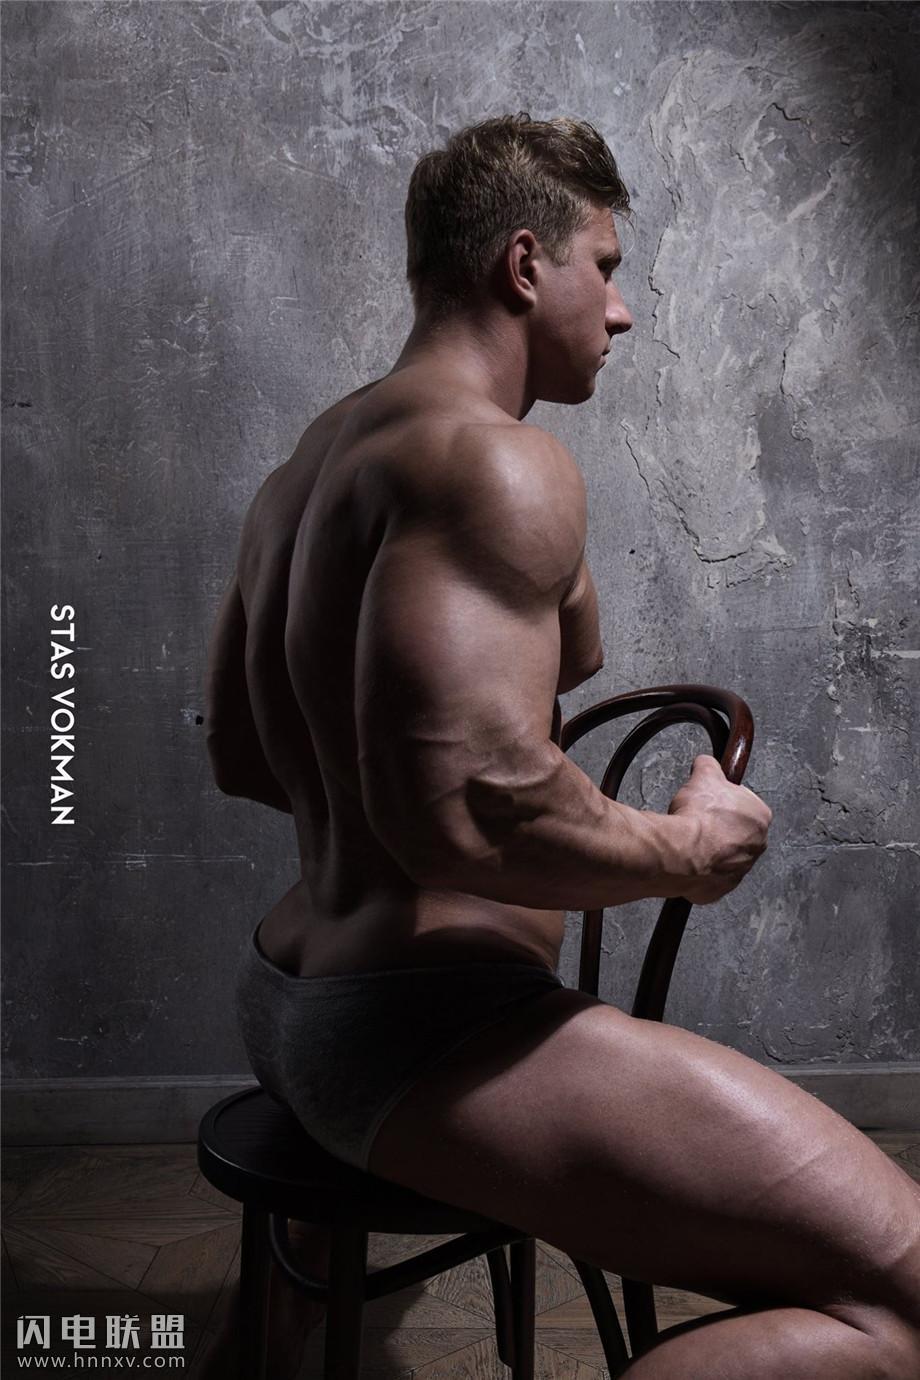 90后欧美肌肉帅哥图片